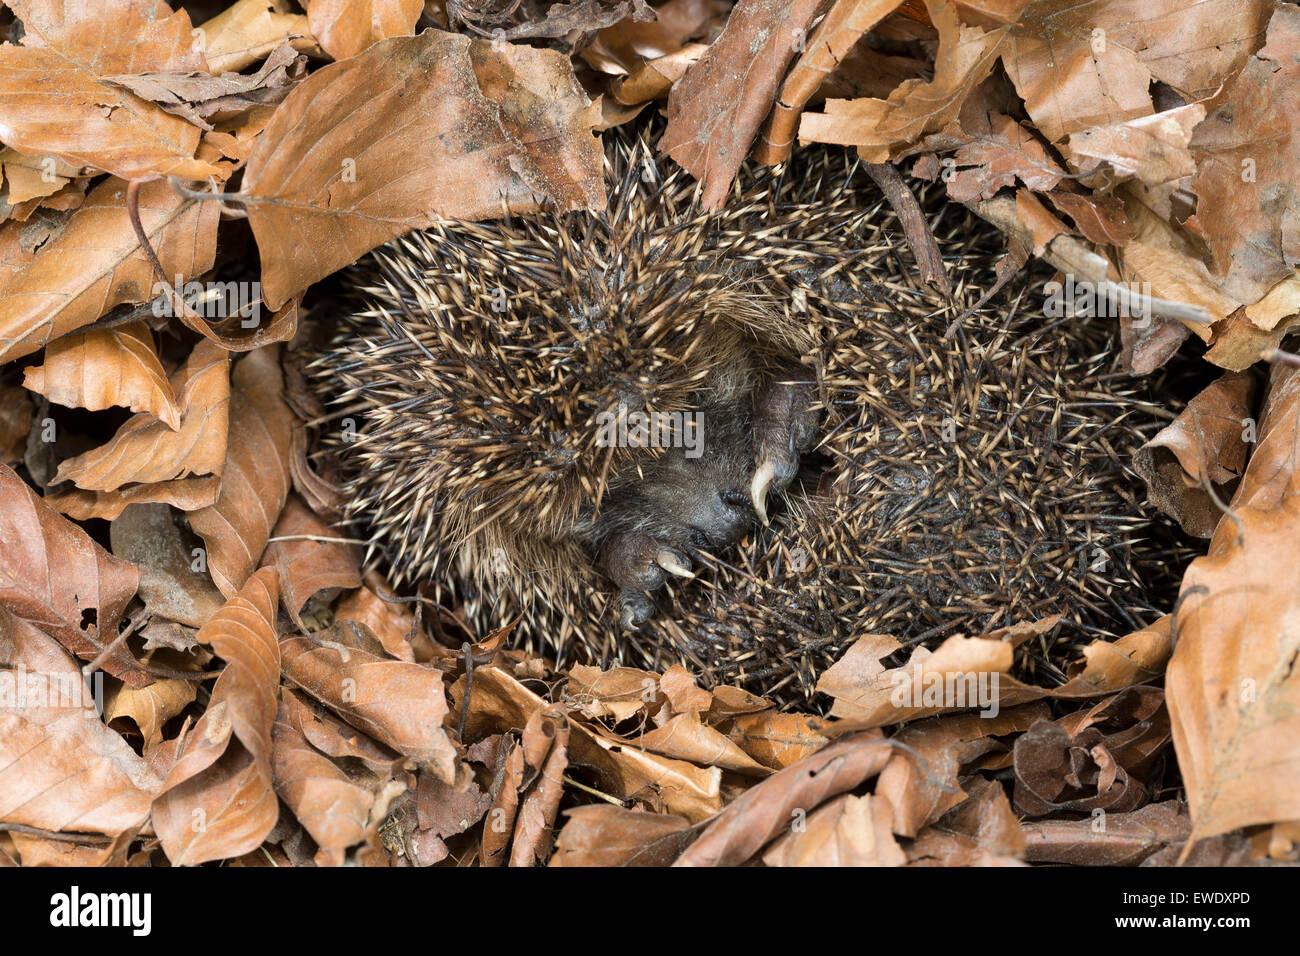 European hedgehog, hibernation, overwinter survival, Europäischer Igel, Winterschlaf, Überwinterung, Erinaceus - Stock Image